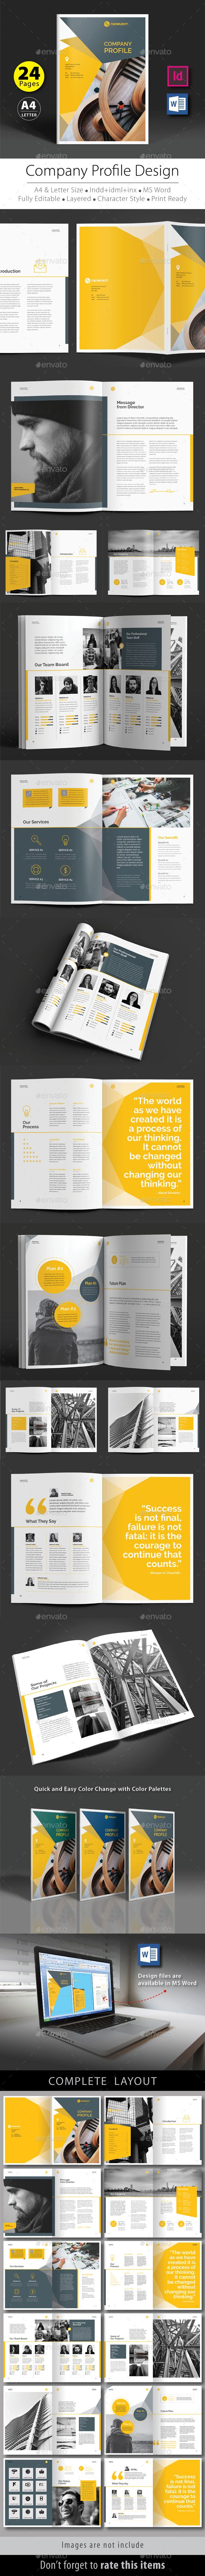 Company Profile Design Template V  Company Profile Design